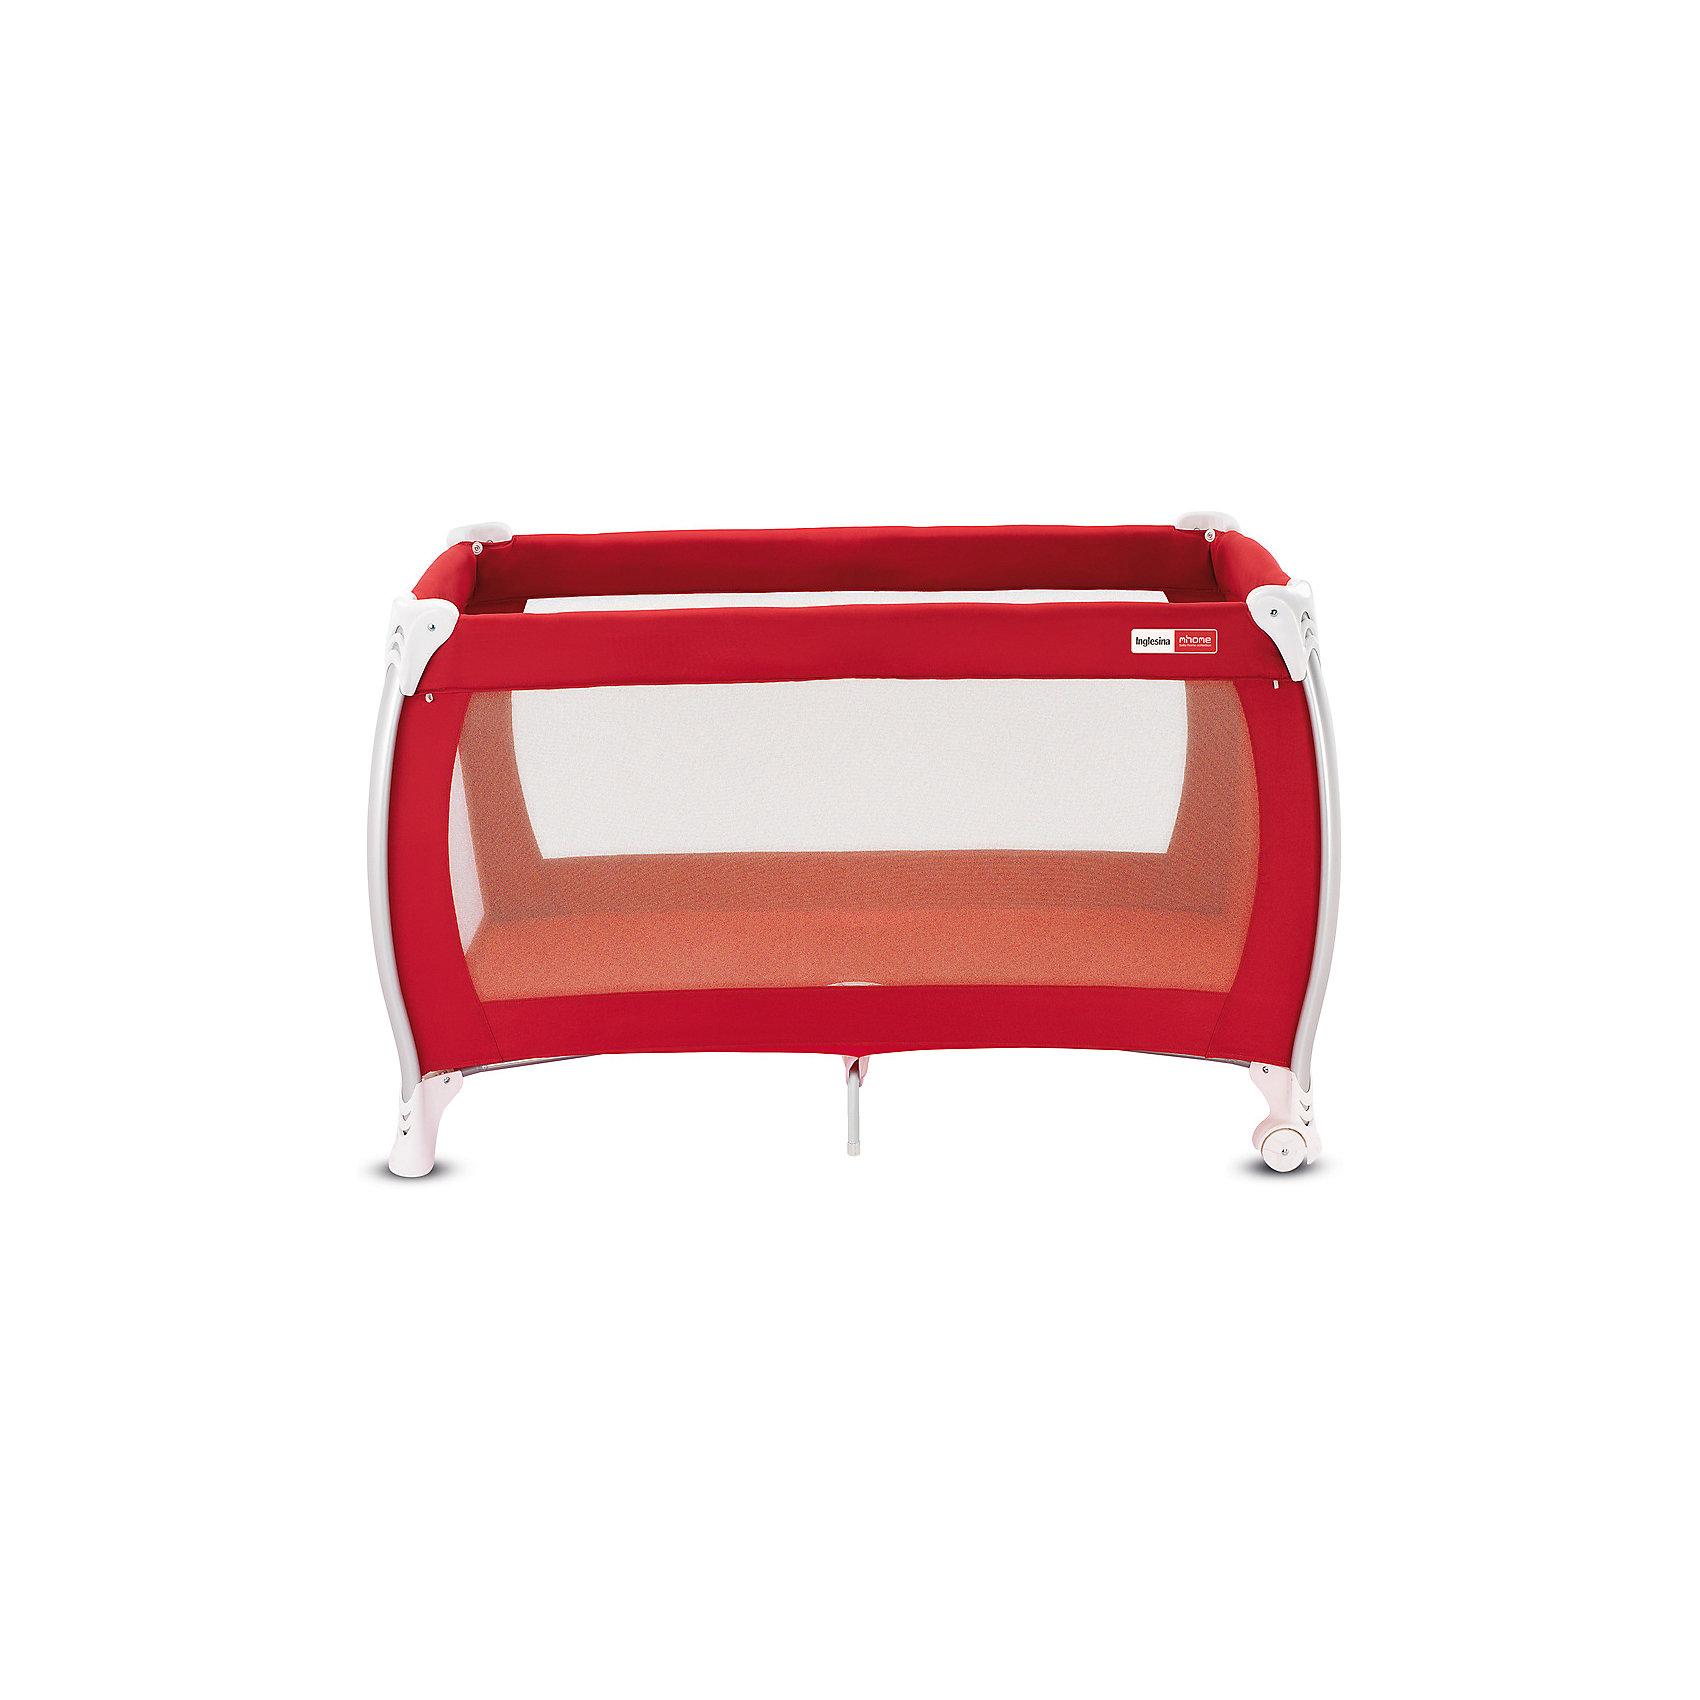 Манеж-кровать Lodge, Inglesina, redМанеж-кровать Daily Plus - прекрасный вариант для малышей. Модель имеет 2 колесика со стопорами для удобного перемещения манежа. Стенки из сетчатого материала обеспечивают хорошую вентиляцию и обзор, дополнительные ножки-упоры гарантируют устойчивость и безопасность даже самым непоседливым малышам.  Манеж-кровать быстро и компактно складывается, колесики позволяют также перемещать модель в сложенном виде. В производстве изделия использованы только экологичные, безопасные для детей материалы. <br><br>Дополнительная информация:<br><br>- Материал: текстиль, пластик, металл. <br>- Размер: 79x126x72 см. <br>- Размер в сложенном виде: 26x79x26 см. <br>- 2 колесика для удобного перемещения.<br>- Дополнительные ножки-упоры. <br>- Регулировка по высоте (в 2 положениях).<br>- Легко и компактно складывается. <br>- Боковая дверца на молнии. <br>- Для детей от рождения и до 3 лет (весом до 14 кг).<br>- Комплектация: кроватка, основание под матрас, матрас <br>опоры для верхнего яруса,  трубы для дна верхнего яруса <br>москитная сетка,  сумка для транспортировки кроватки,  боковой карман.<br><br>Манеж-кровать Lodge, Inglesina (Инглезина), можно купить в нашем магазине.<br><br>Ширина мм: 250<br>Глубина мм: 250<br>Высота мм: 805<br>Вес г: 10300<br>Возраст от месяцев: 0<br>Возраст до месяцев: 36<br>Пол: Унисекс<br>Возраст: Детский<br>SKU: 4764283